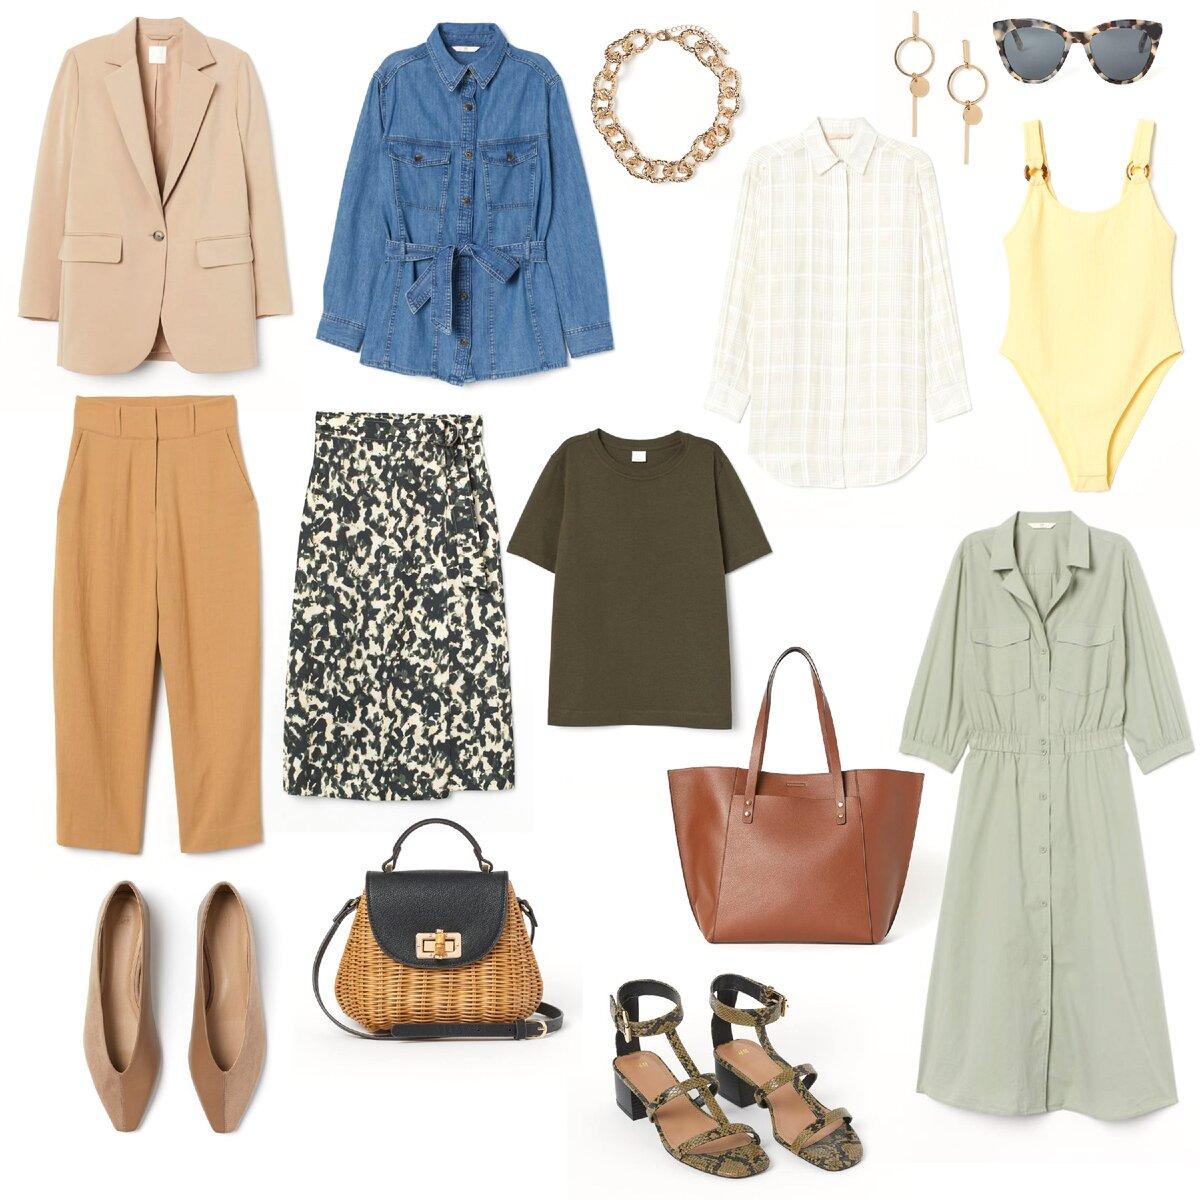 Капсульный мини-гардероб на весну-лето. Элегантность и комфорт